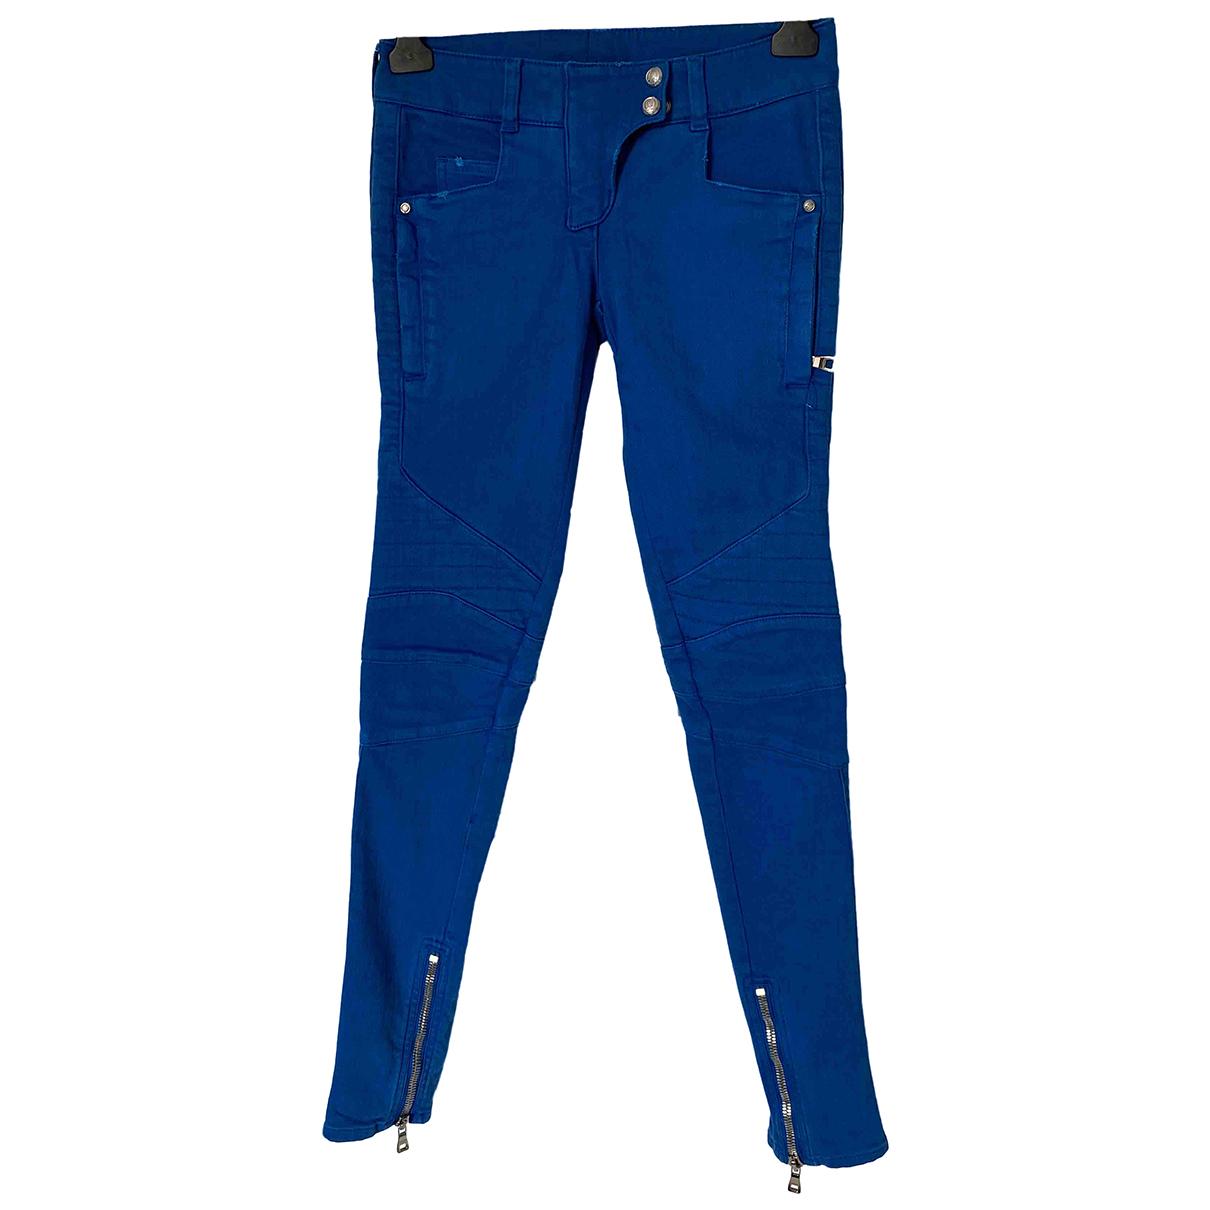 Balmain \N Blue Cotton - elasthane Jeans for Women 34 FR